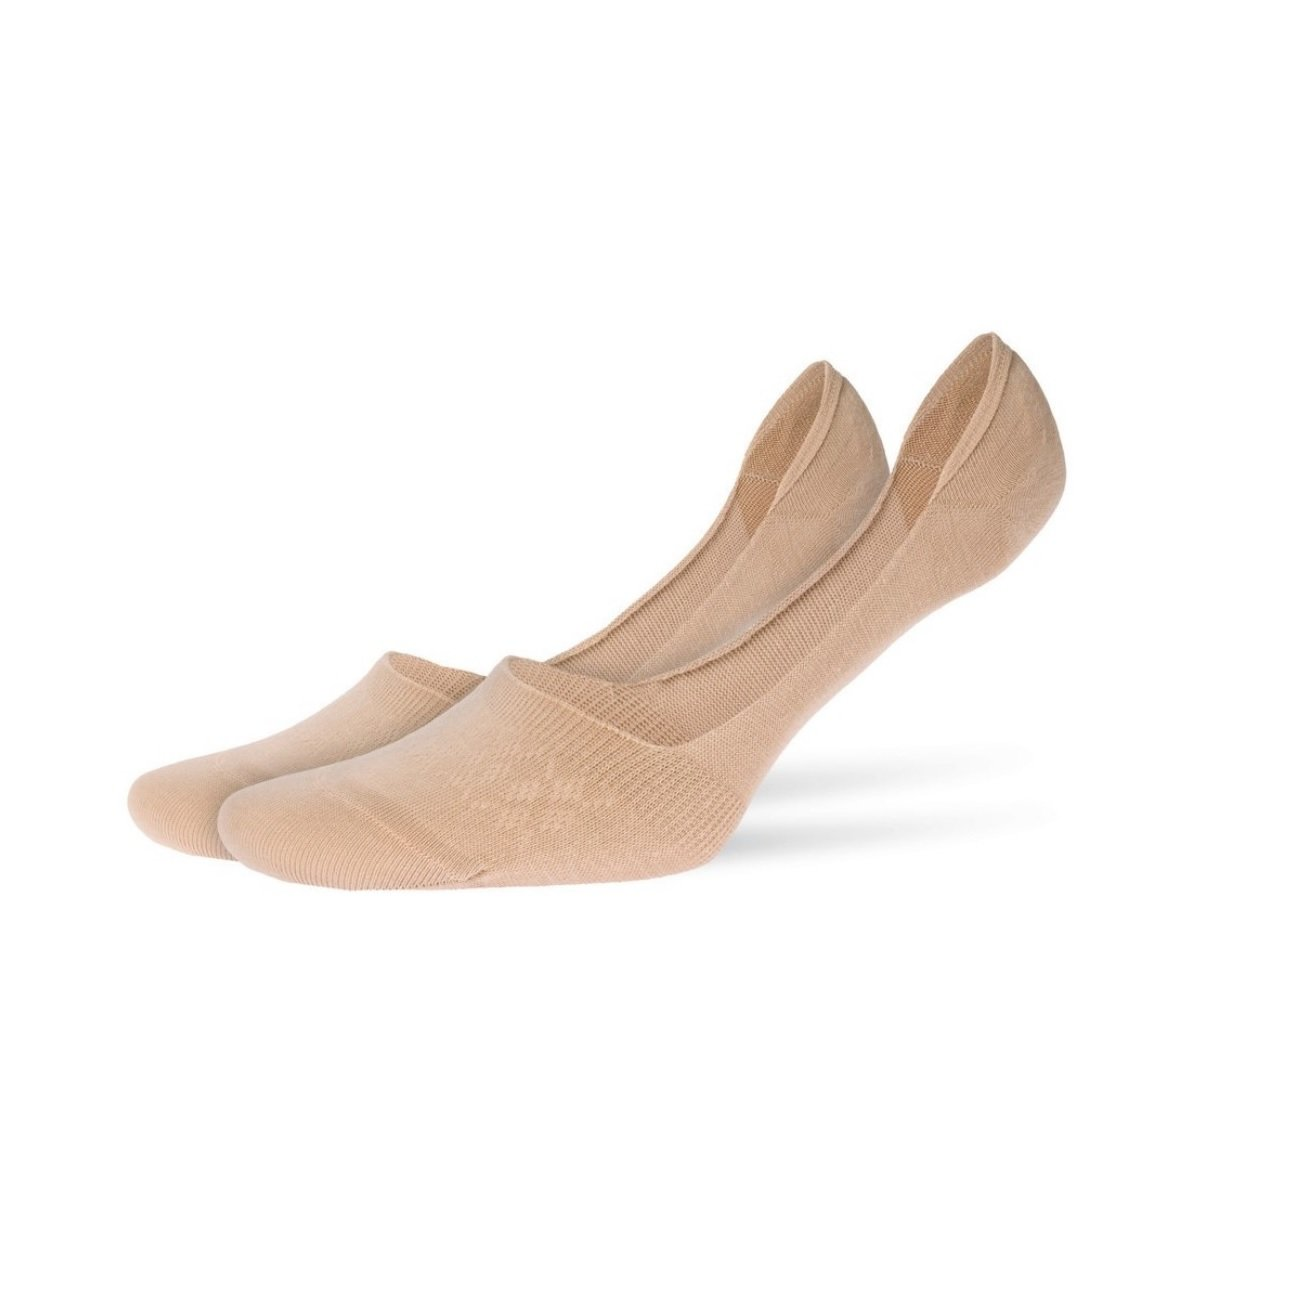 2P du 35 au 42-68/% Coton Femme BURLINGTON 30/% Polyamide 2/% Elasthanne Confort optimal et invisibles dans les chaussures Lot de 2 paires de prot/èges pieds Everyday